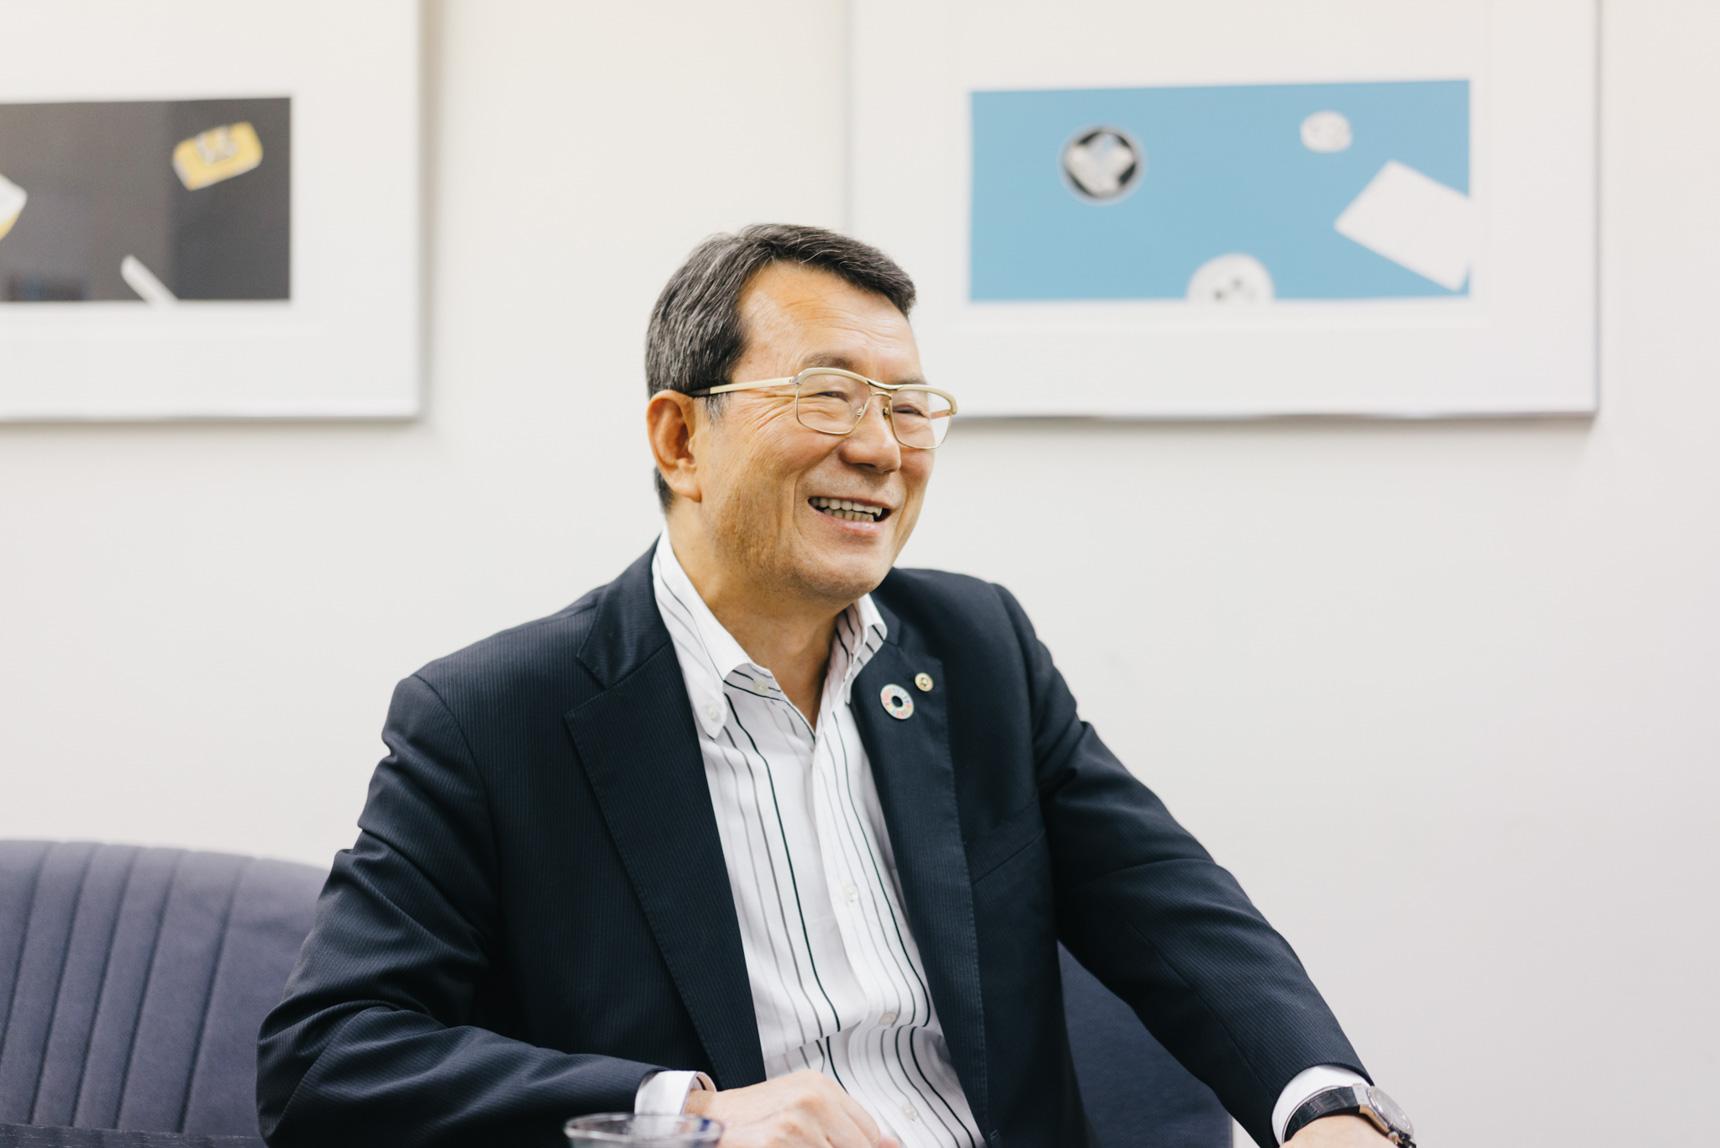 お話をお聞かせくださったのは、代表取締役社長の荒井伸吉様。